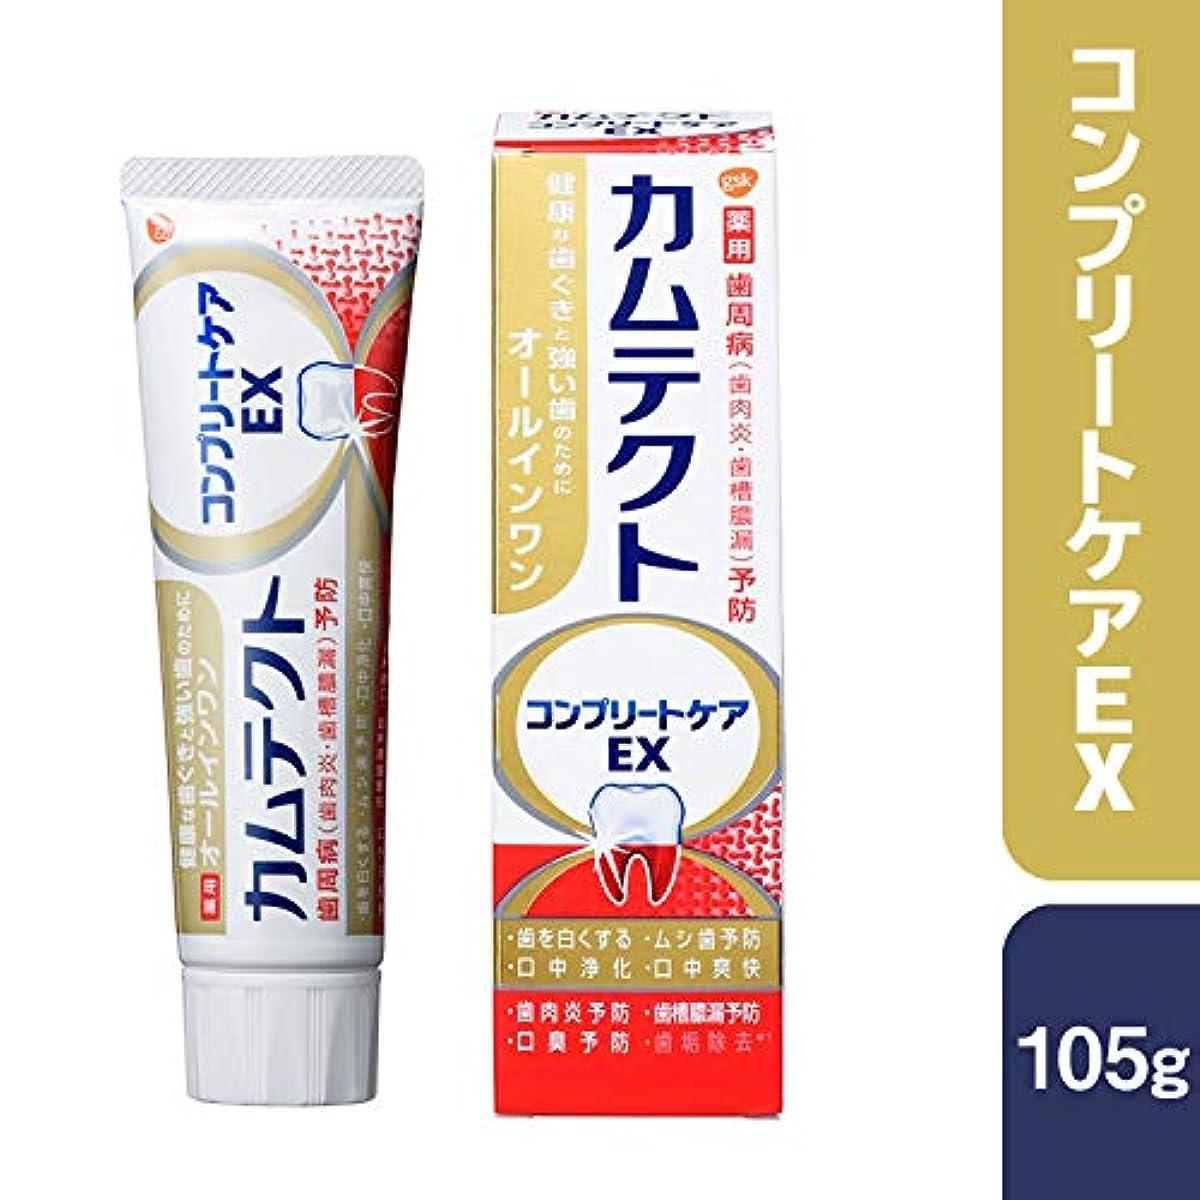 まっすぐにする想定する保証するカムテクト コンプリートケアEX 歯周病(歯肉炎?歯槽膿漏) 予防 歯磨き粉 105g